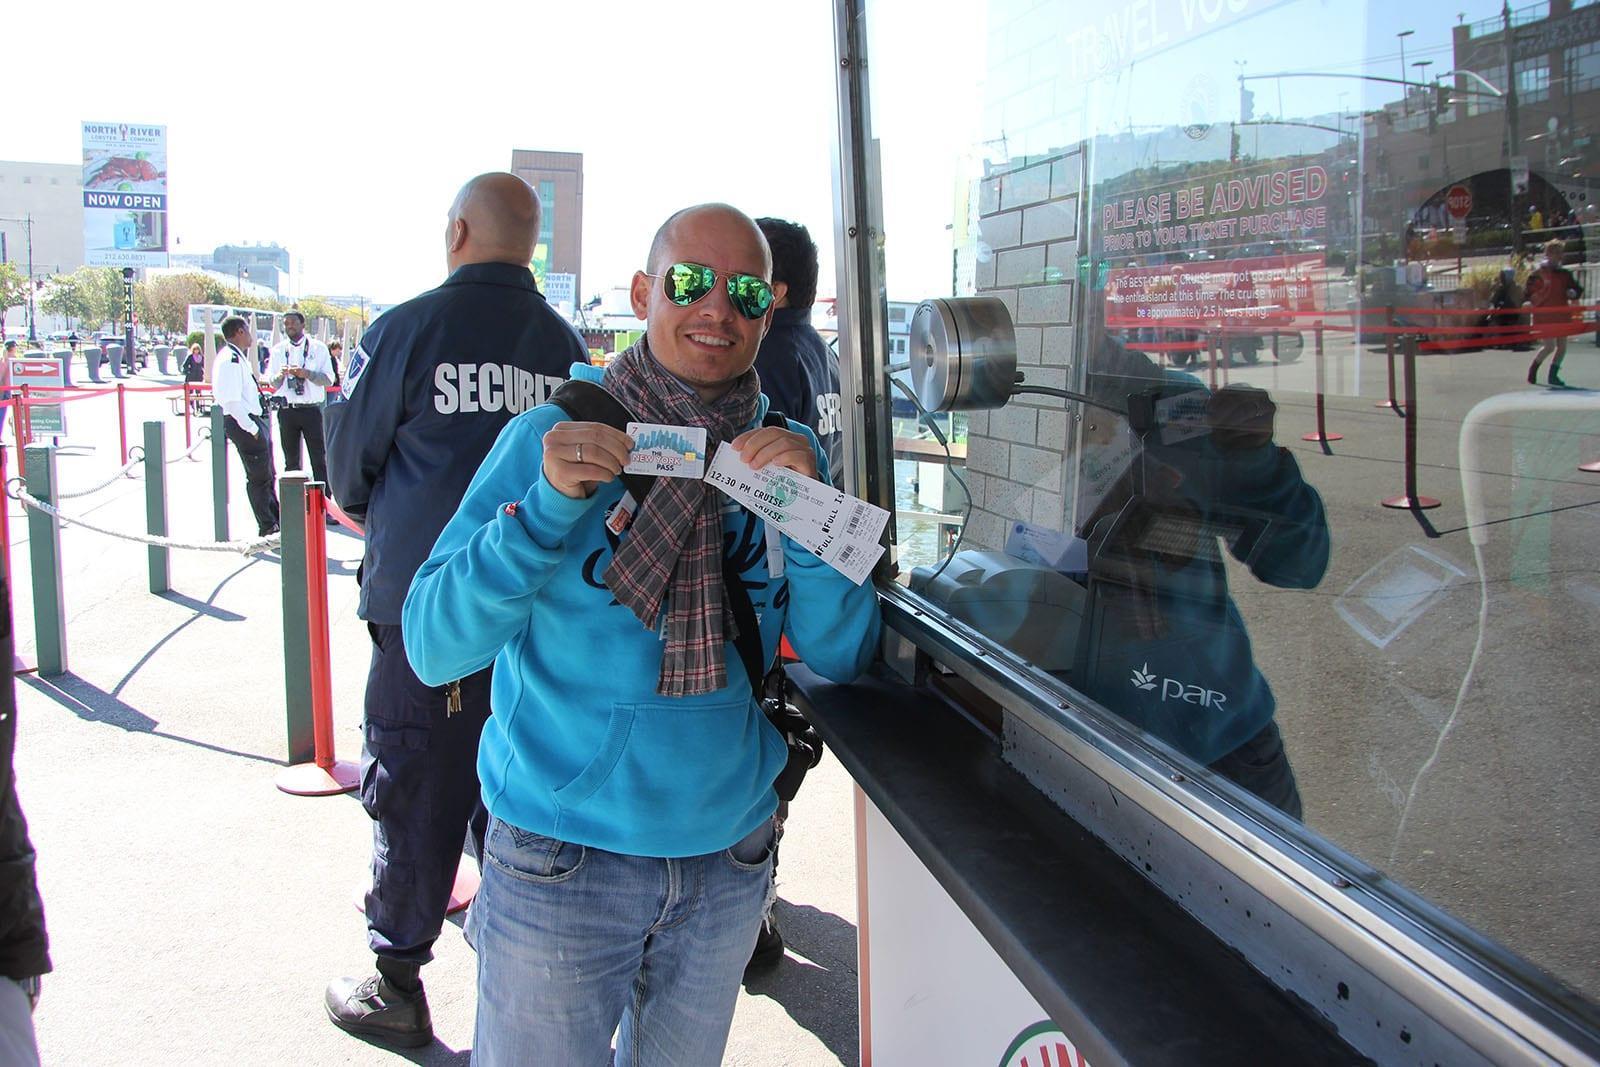 Hier bekomme ich mein Circle Line Ticket am VIP-Schalter. OHNE Wartezeit mit dem New York Pass und CityPASS!